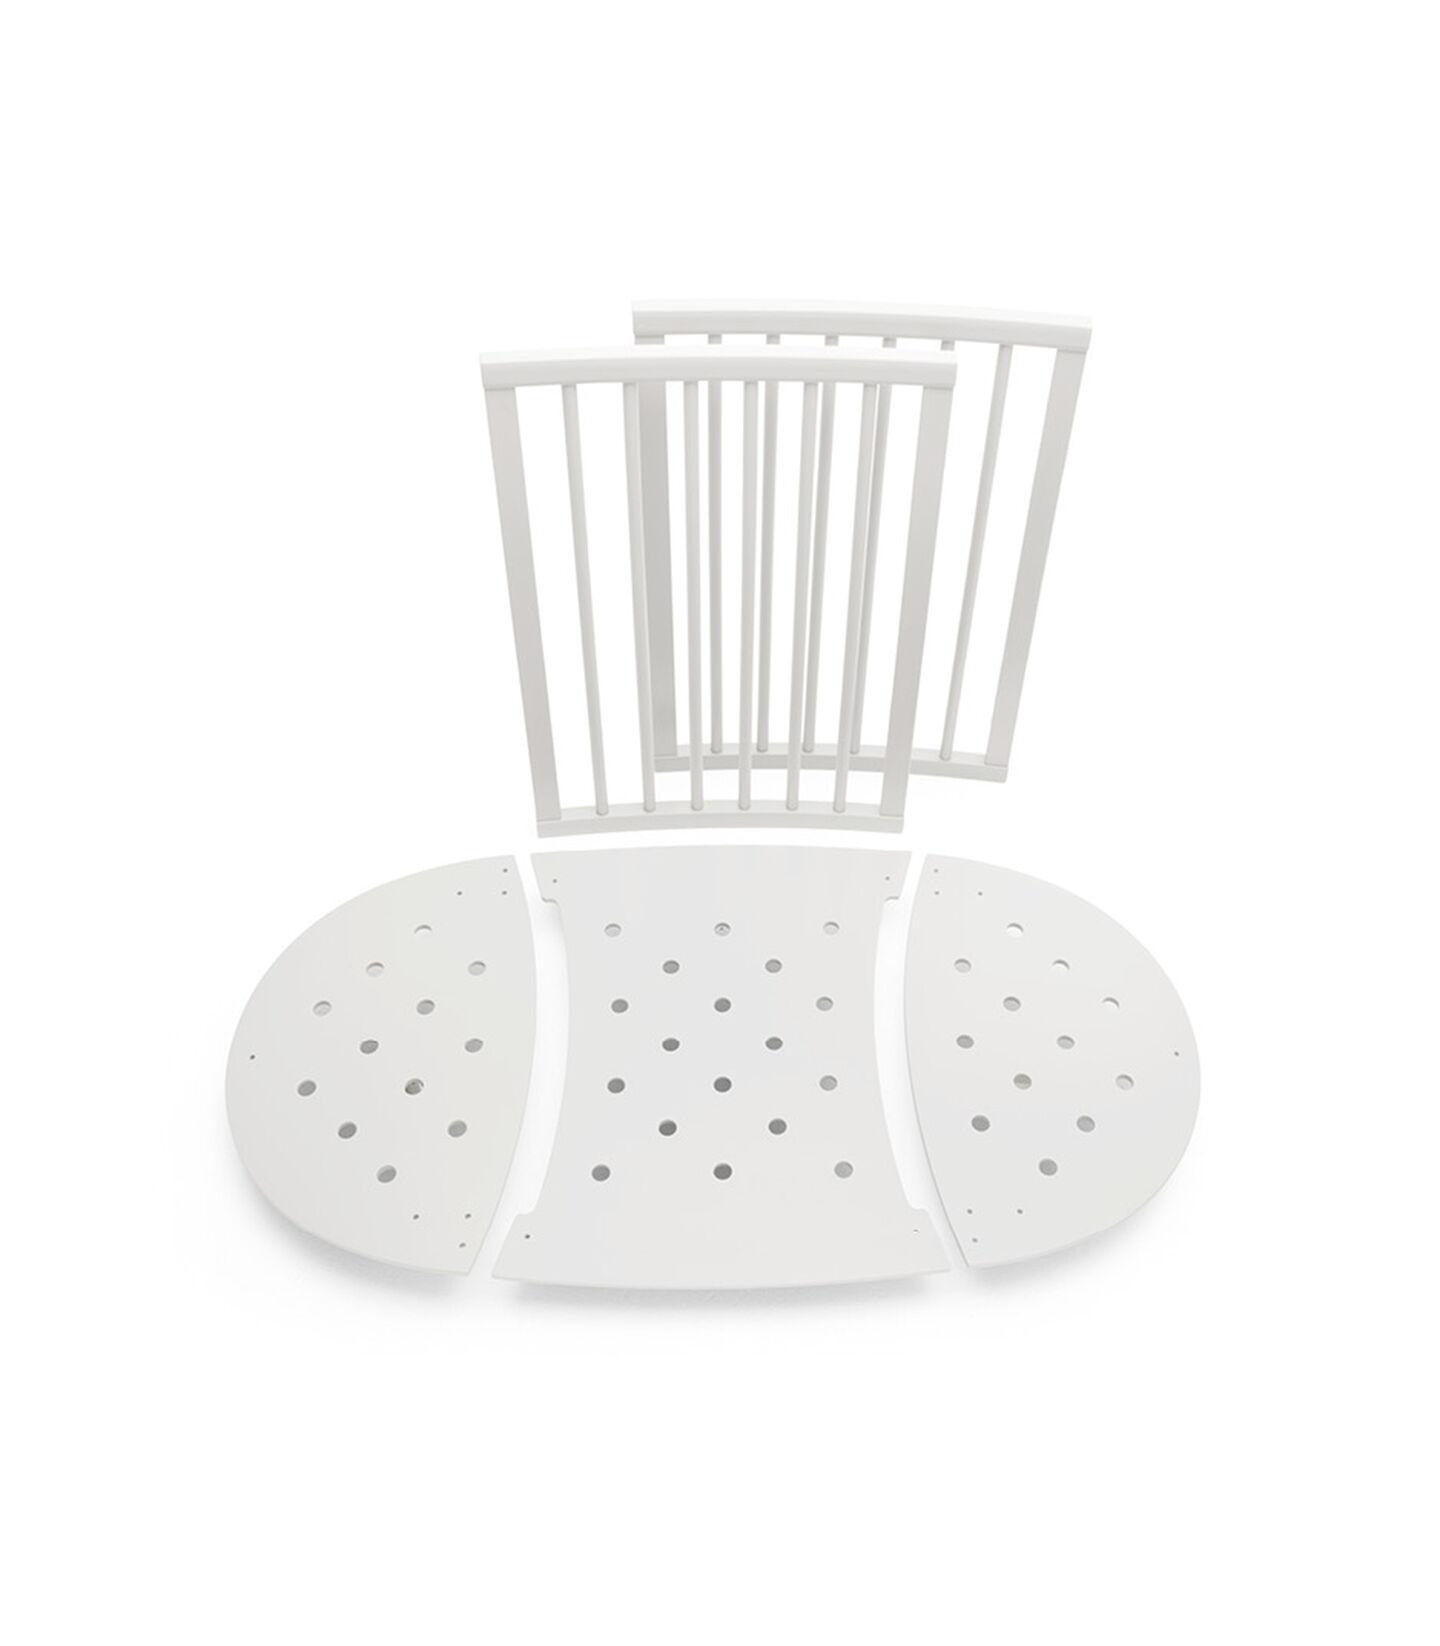 Stokke® Sleepi™ Sengeforlænger White, White, mainview view 2